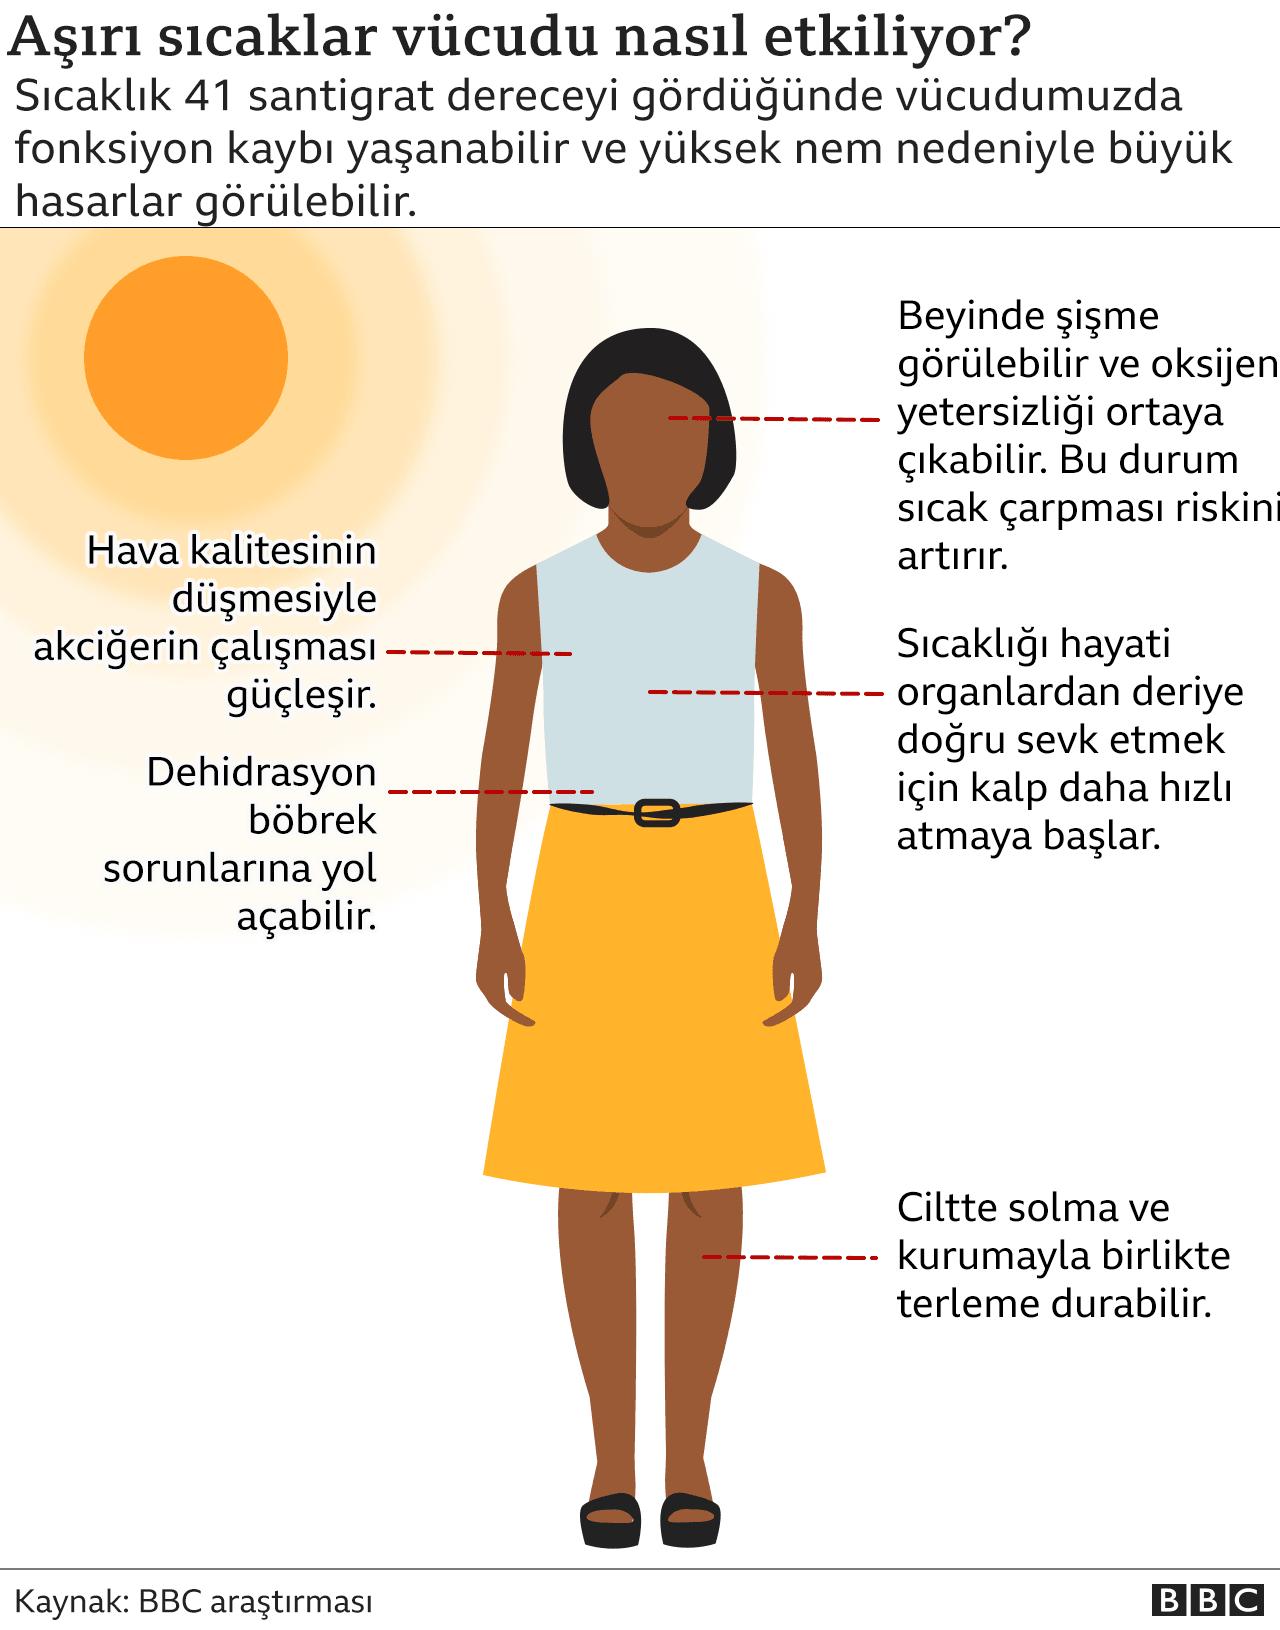 Aşırı sıcaklar vücudu nasıl etkiliyor?